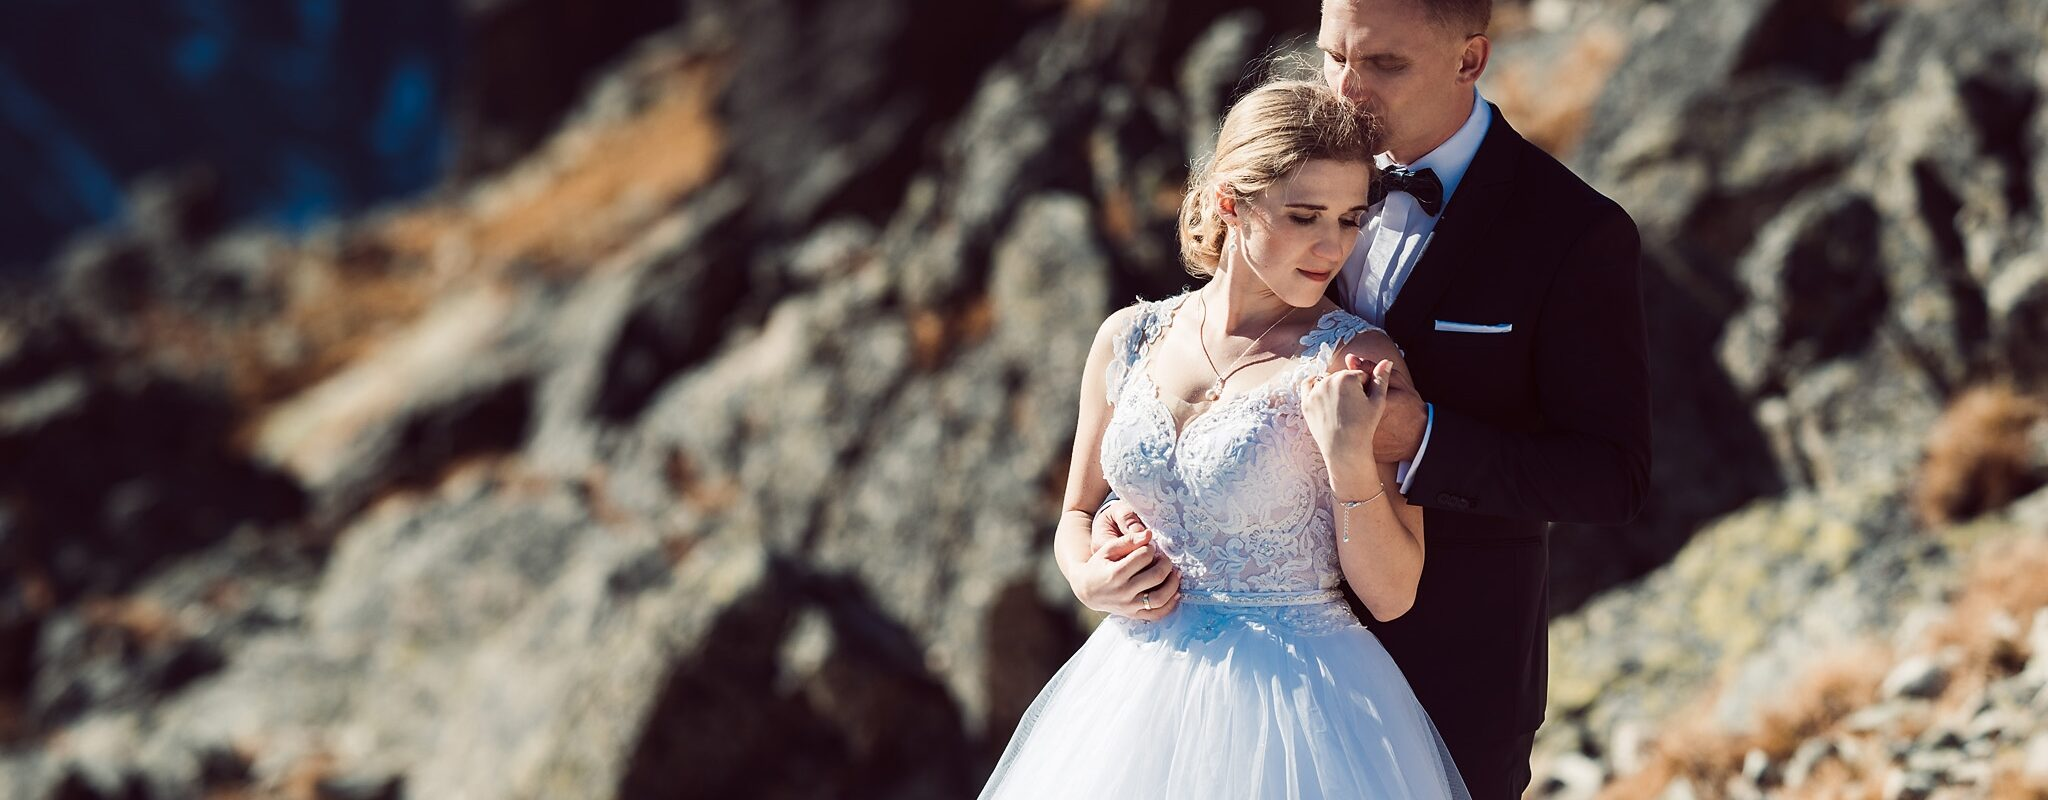 Sesja zdjęciowa w Tatrach, sesja ślubna, plener ślubny Tatry słowackie